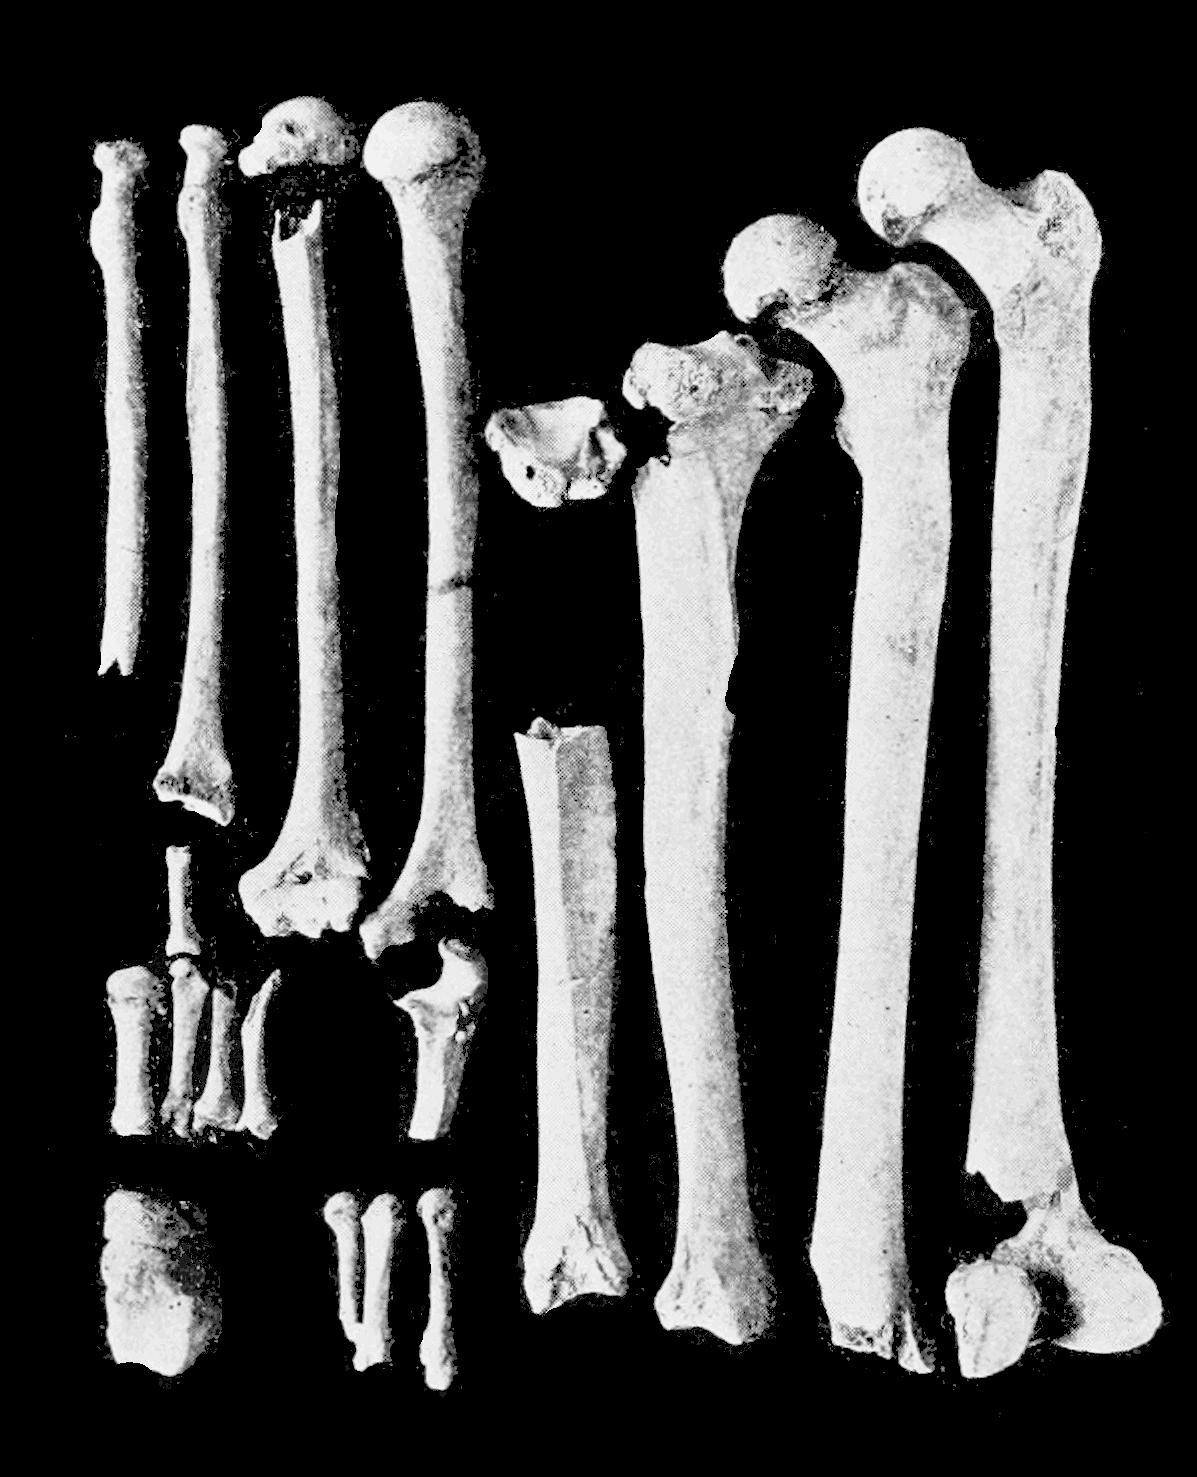 Png Skeleton Bones Transparent Skeleton Bonesg Images Pluspng